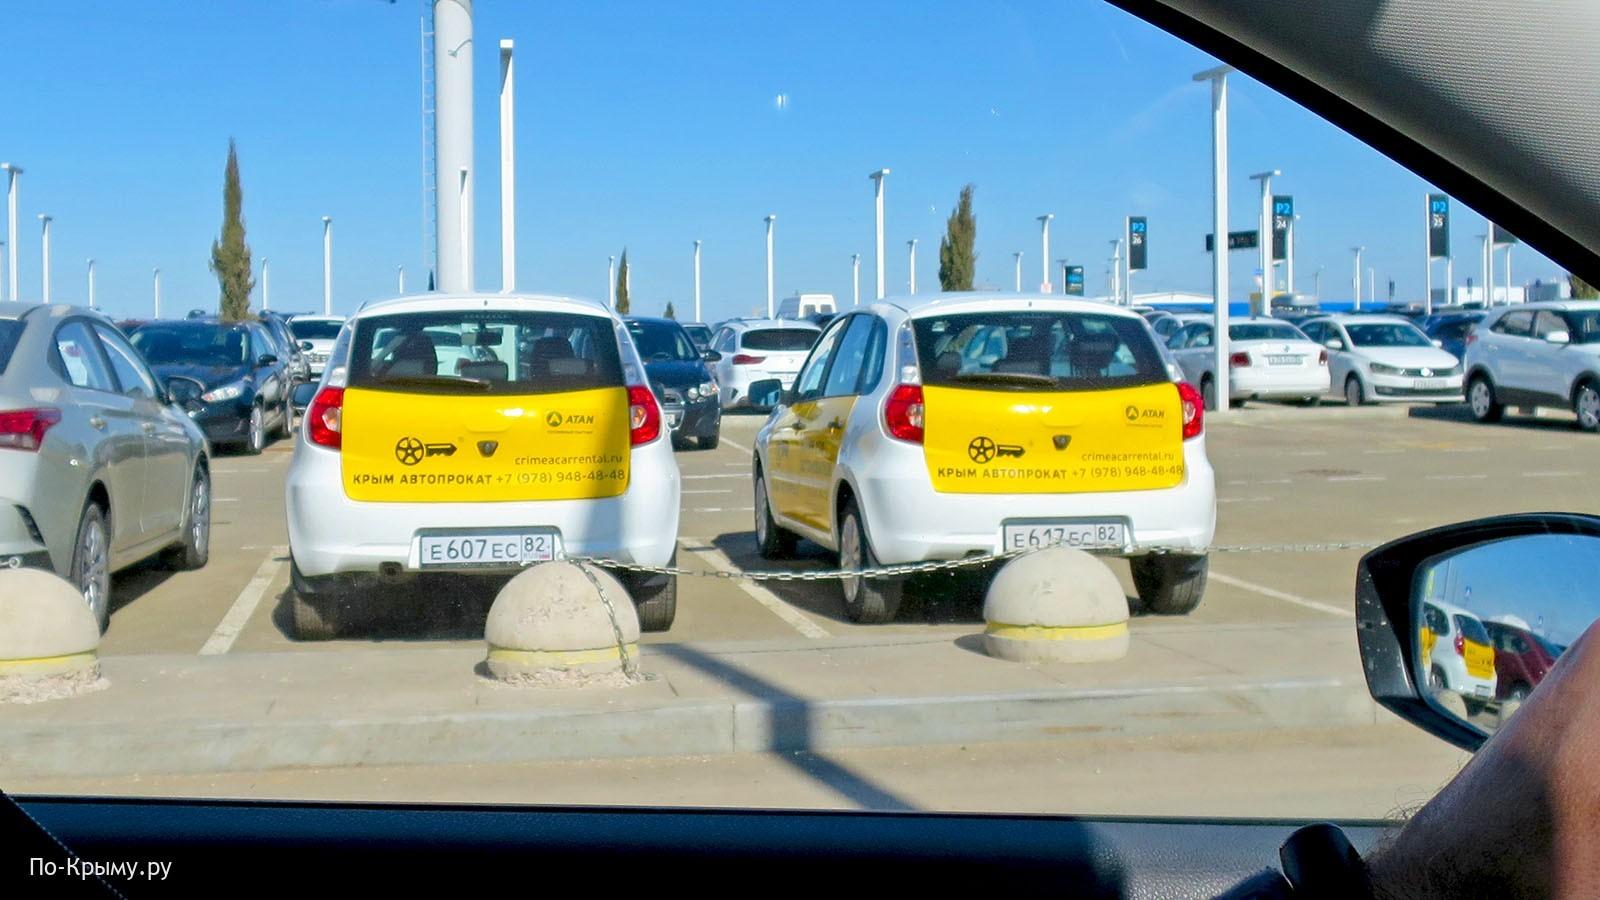 Машины напрокат в Крыму - выгодная аренда из аэропорта